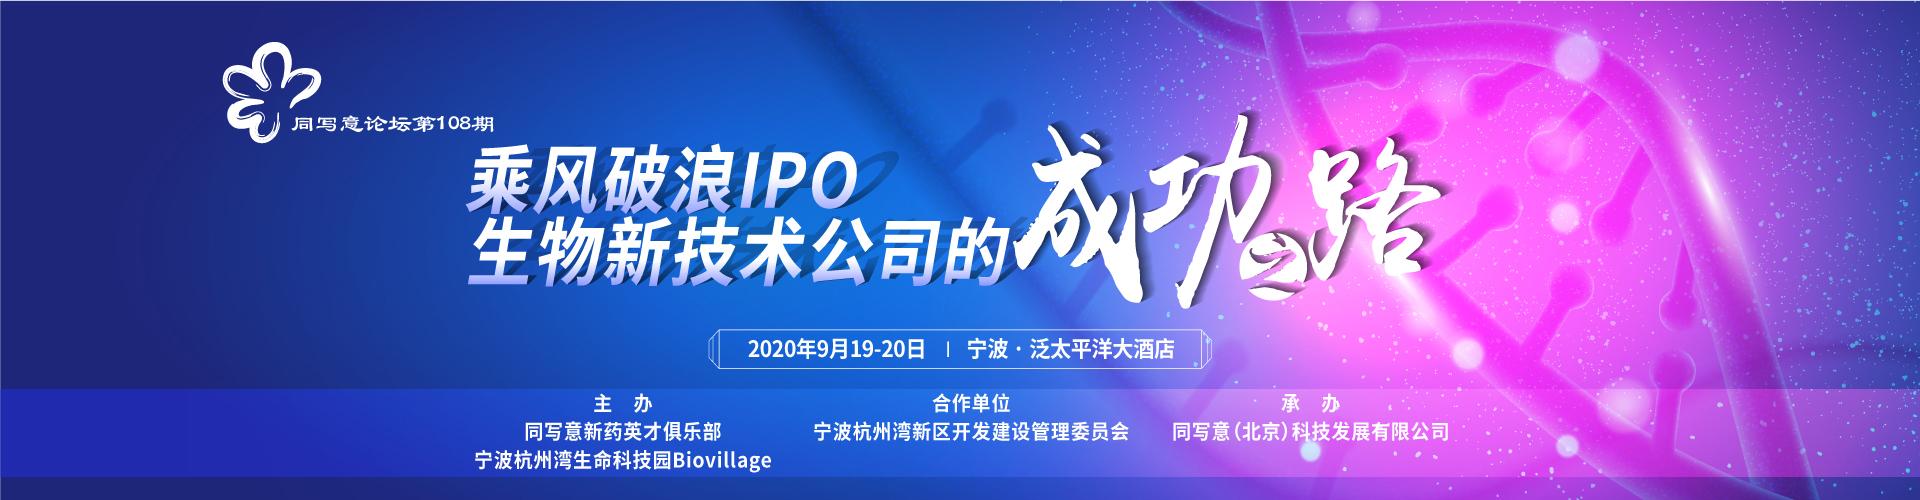 同写意论坛第108期活动—乘风破浪IPO丨生物新技术公司的成功之路